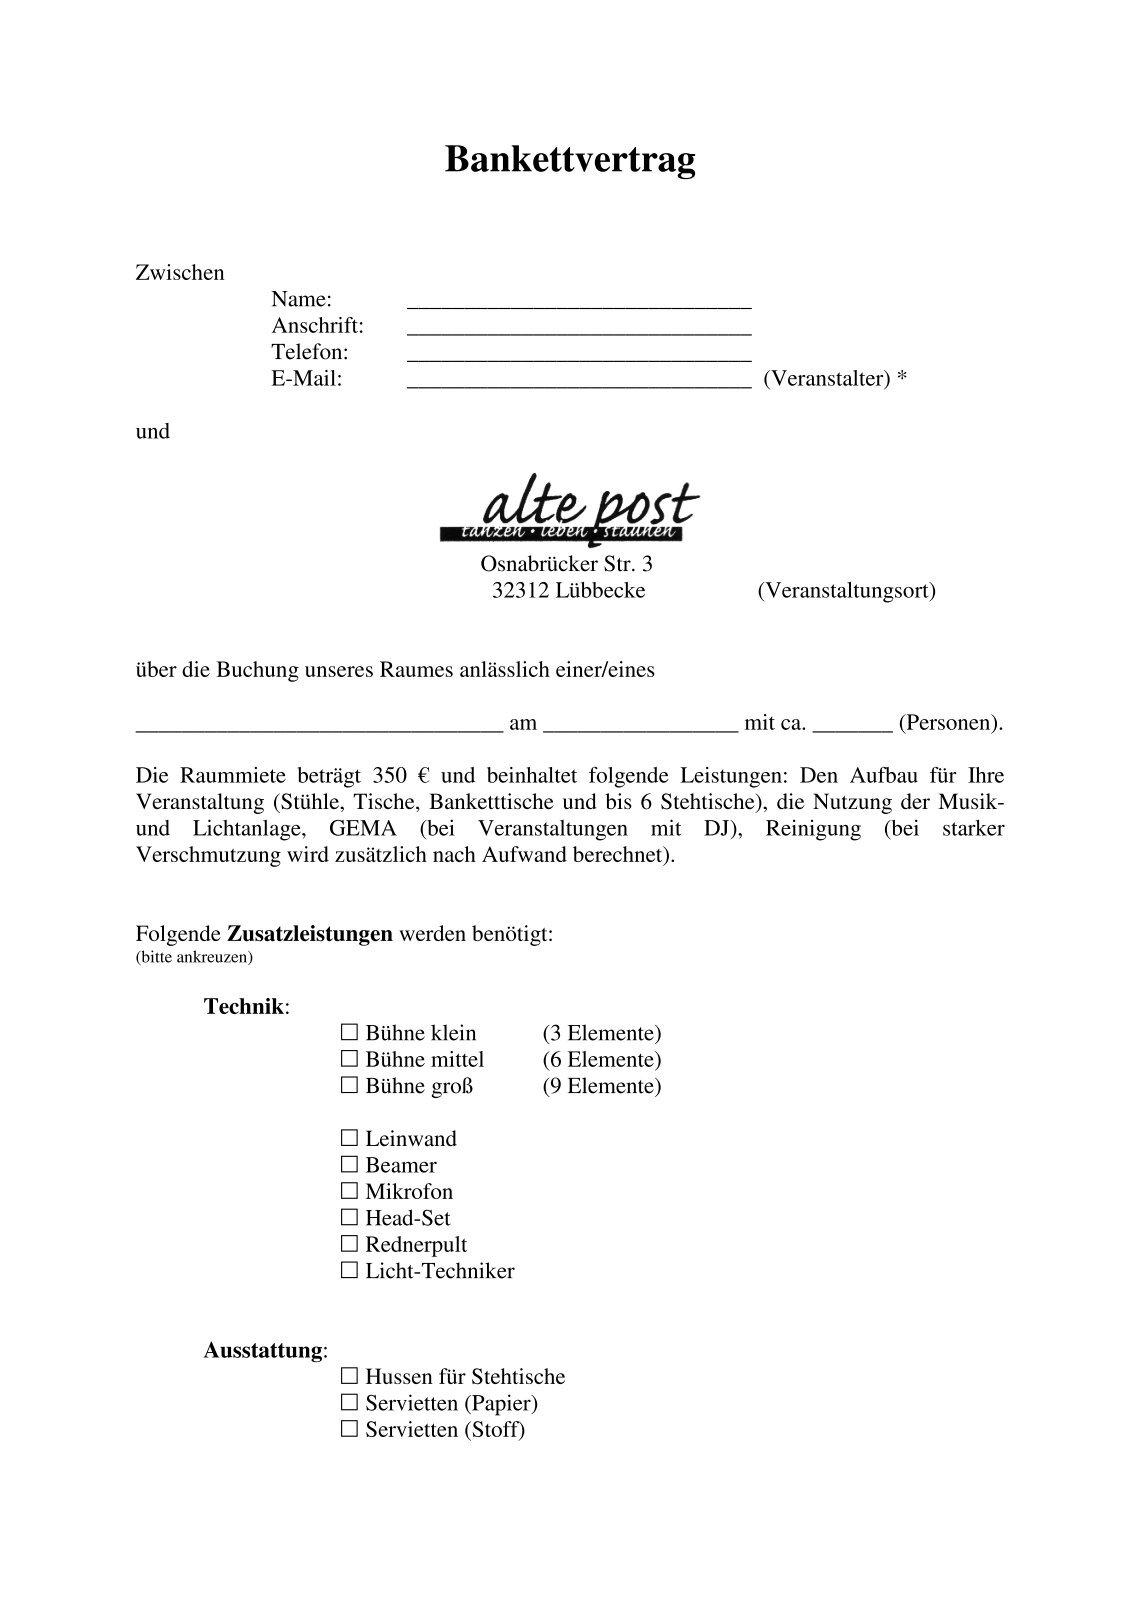 Großzügig Kanadische Lebenslauf Proben Für Studenten Ideen - Entry ...